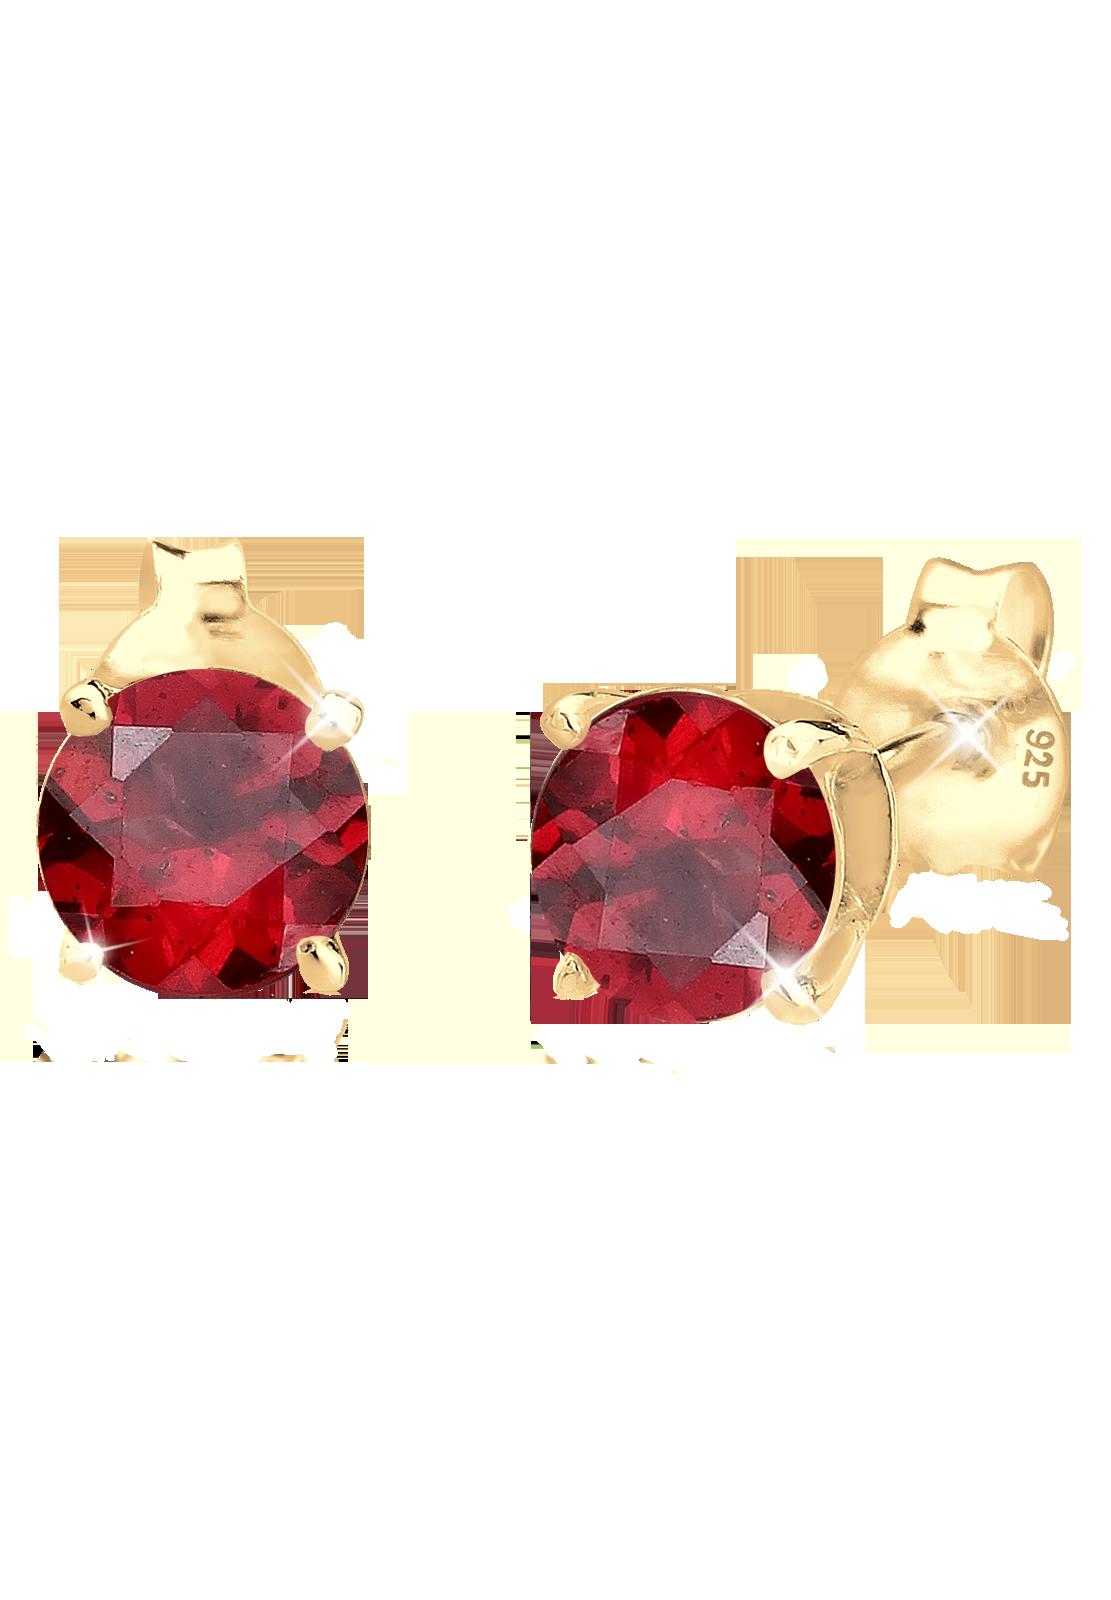 Der Granat ist ein intensiv rot strahlender Granat Stein